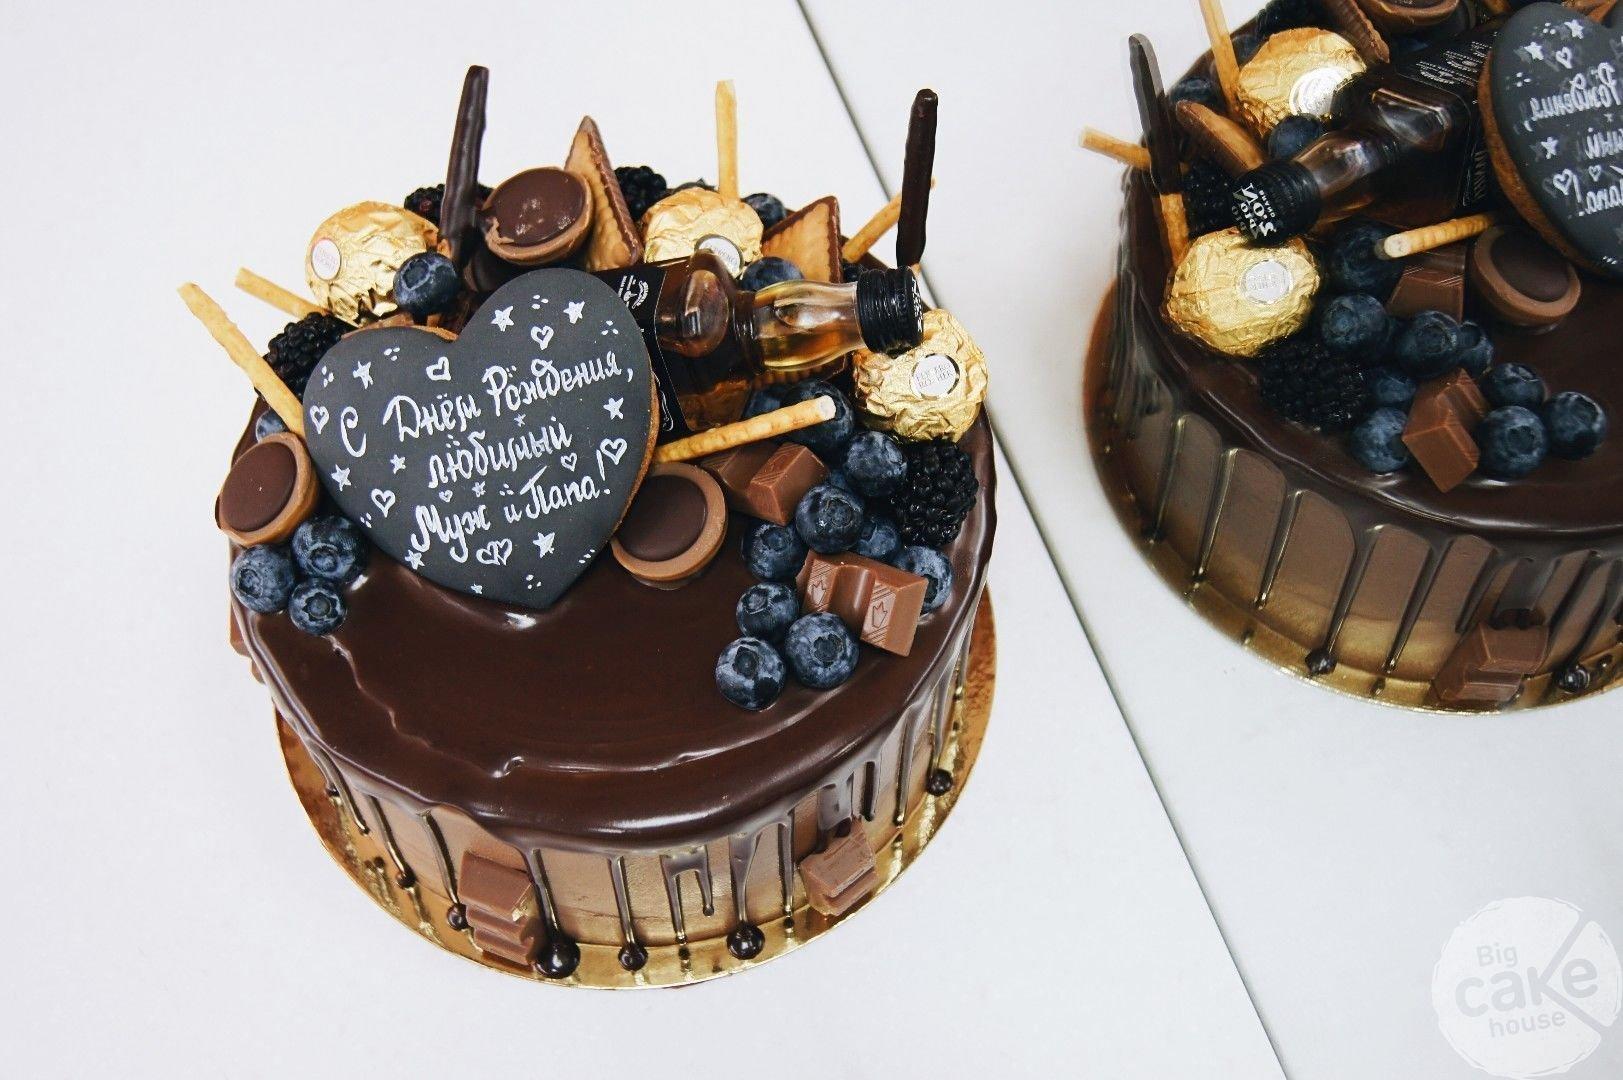 дизайн торта на день рождения мужу фото пластиковых